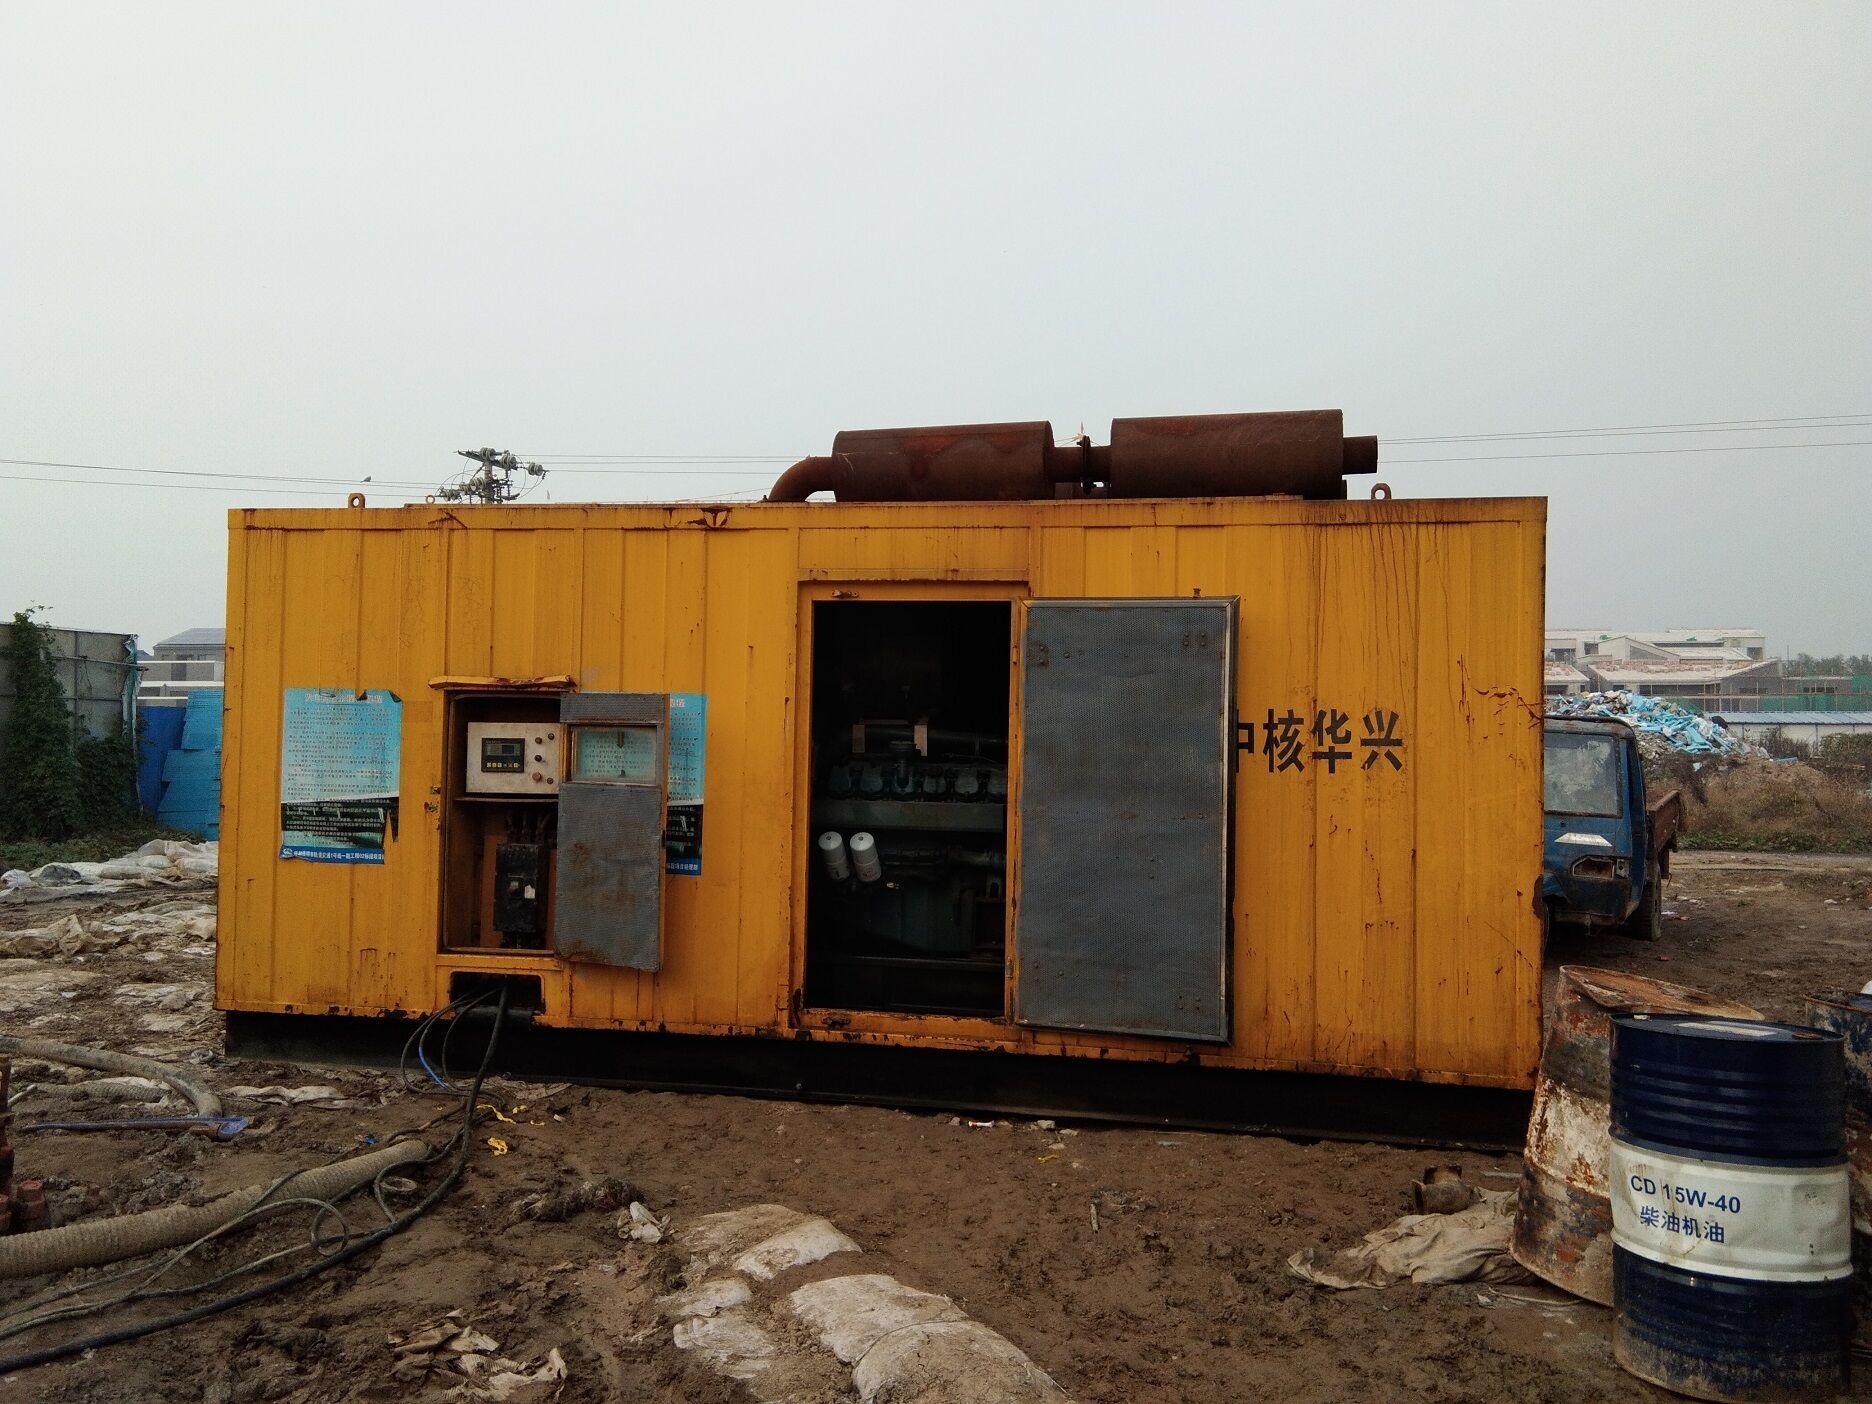 出租1000kw发电机欢迎租赁洽谈潍城区